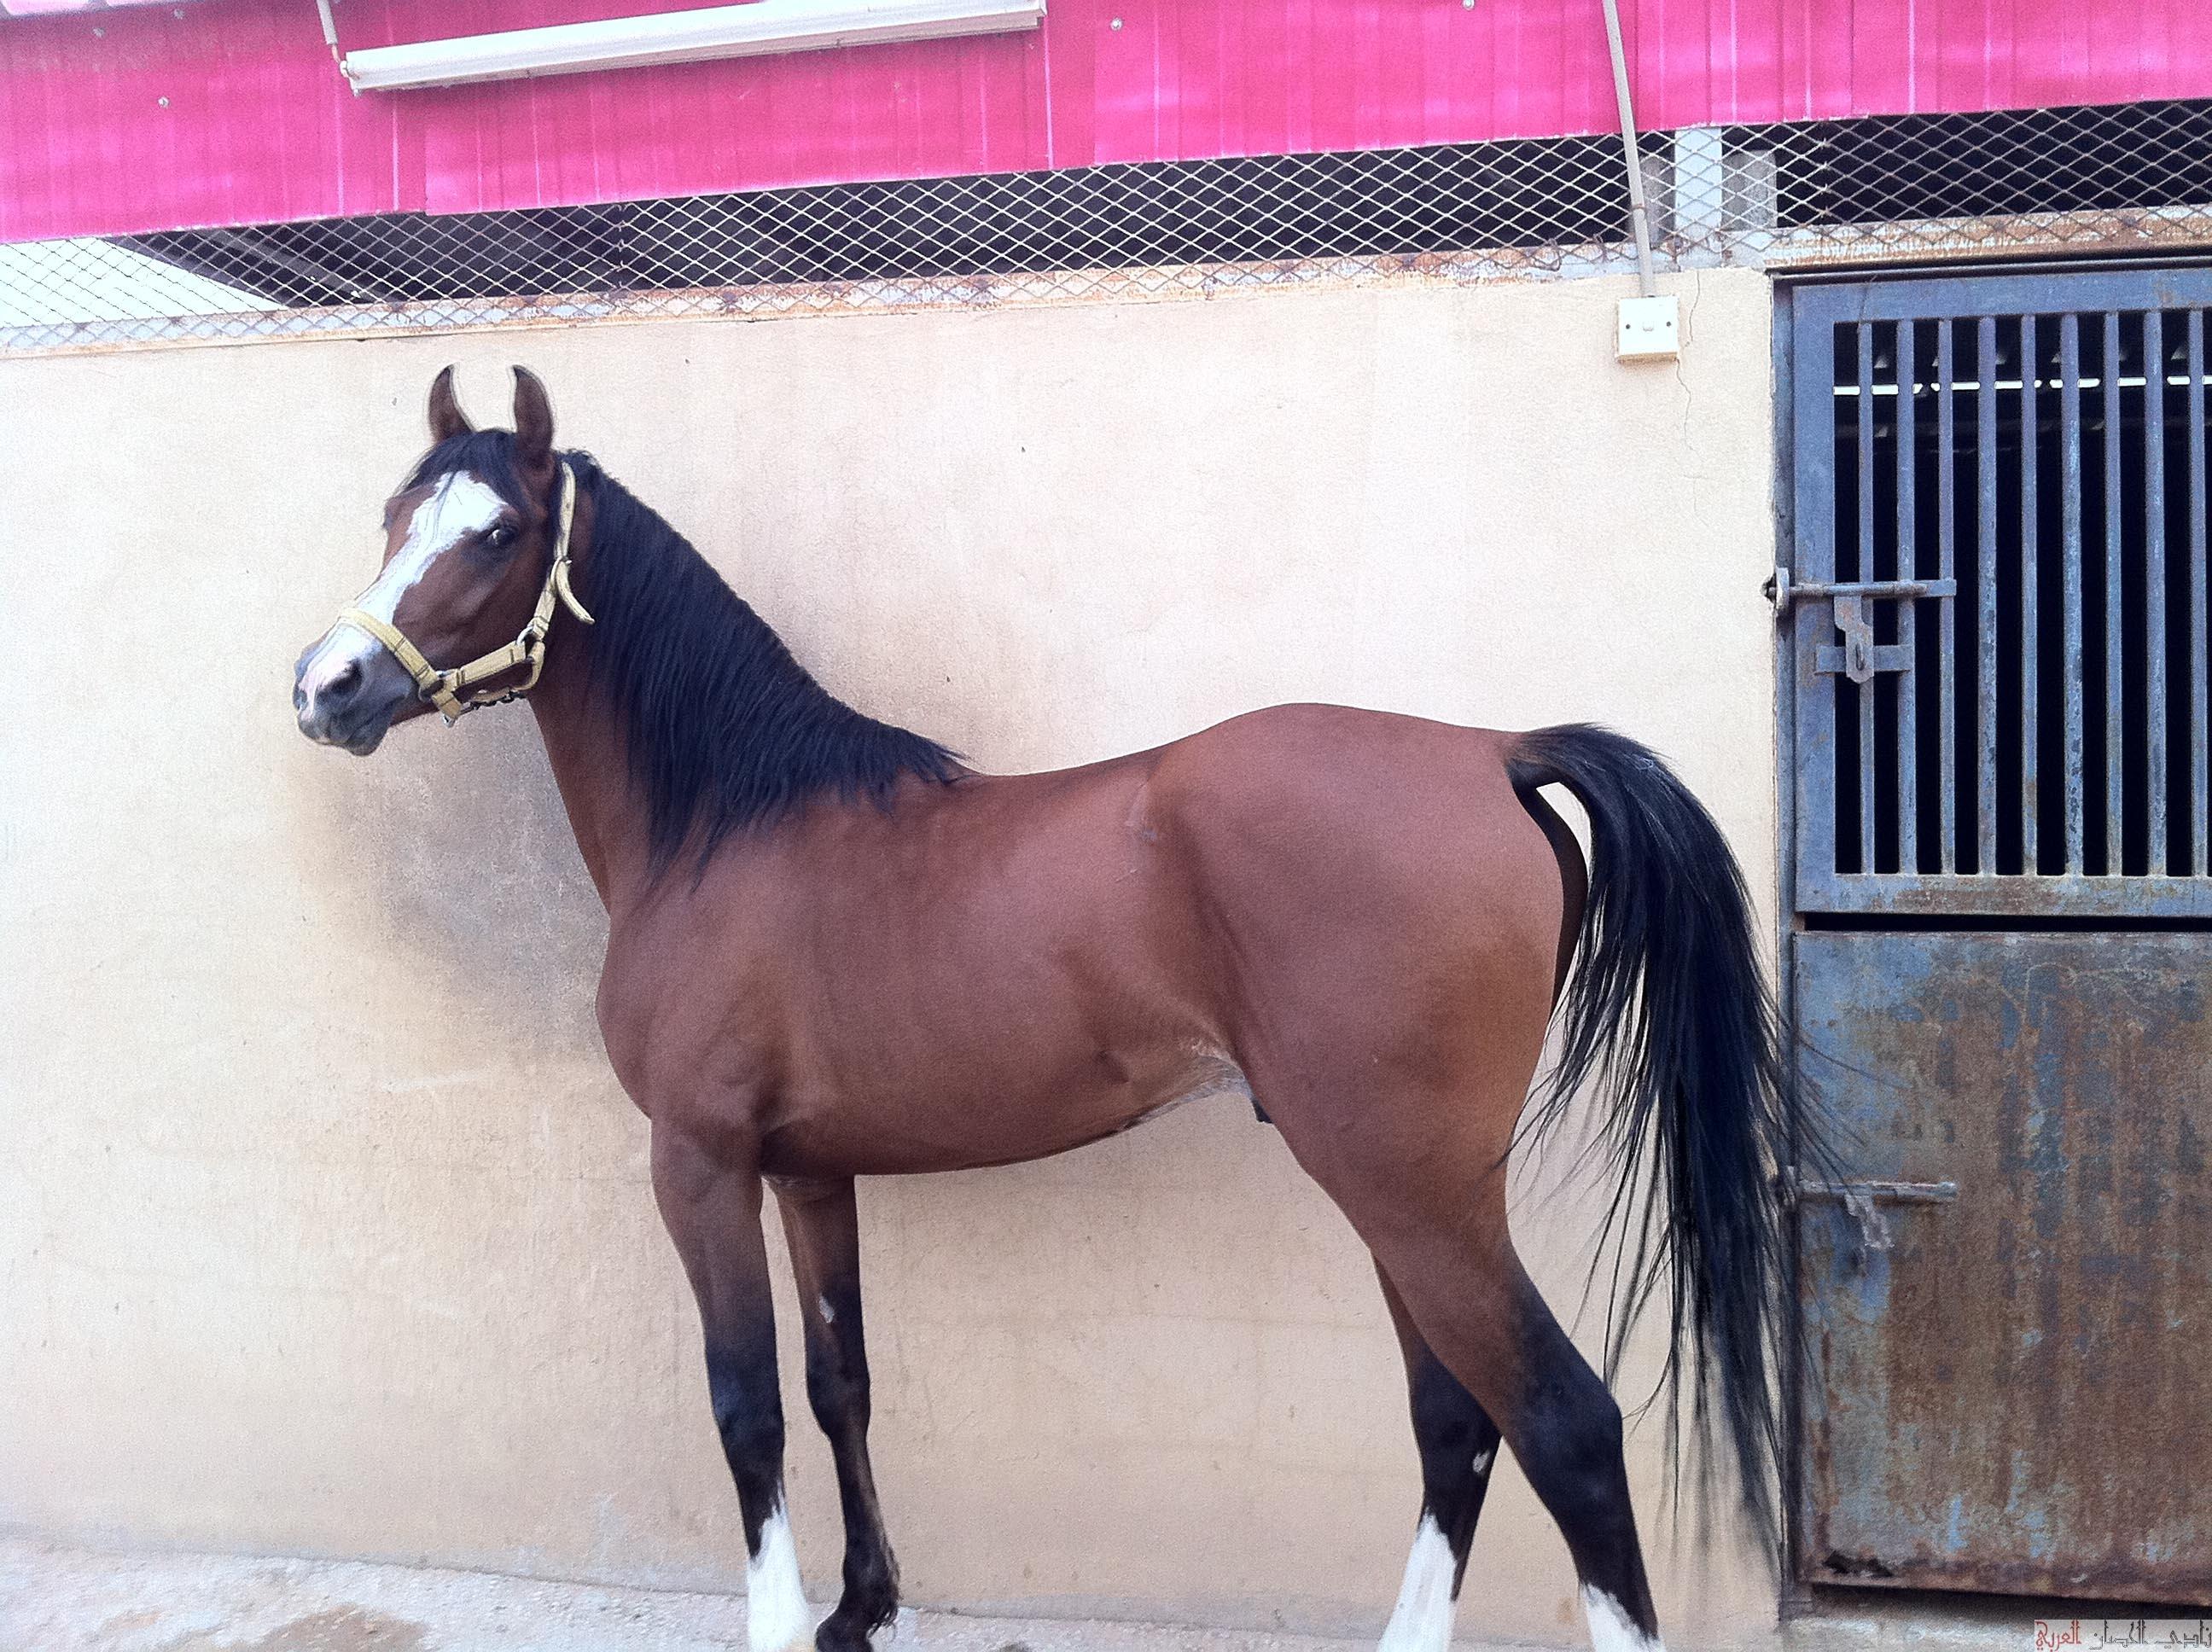 بالصور حصان عربي , اجمل صور للحصان العربي 3505 5